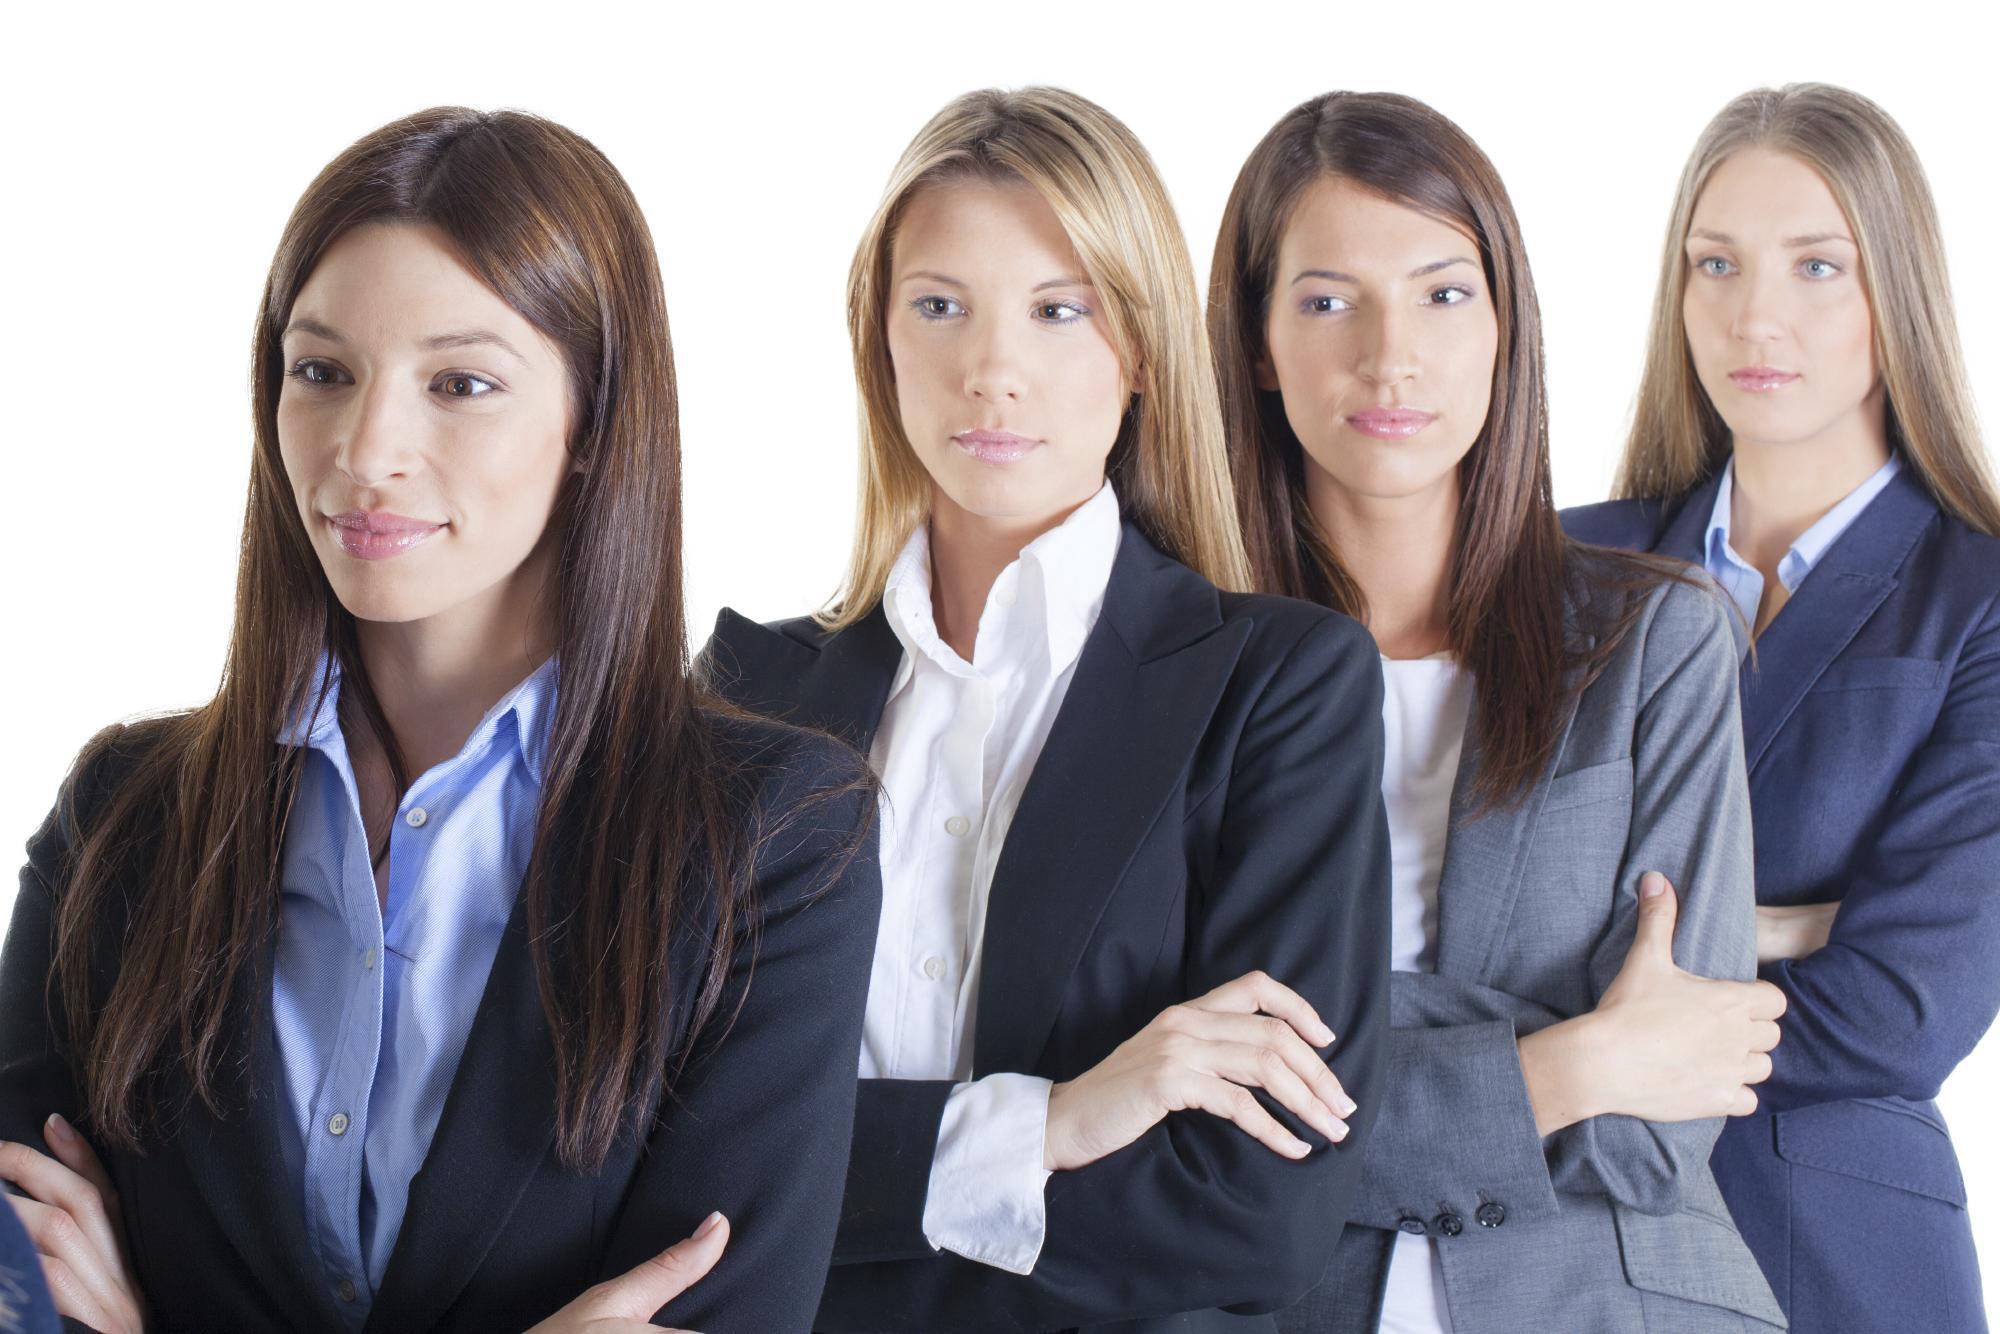 Un entretien d'embauche : il est nécessaire de parler d'argent